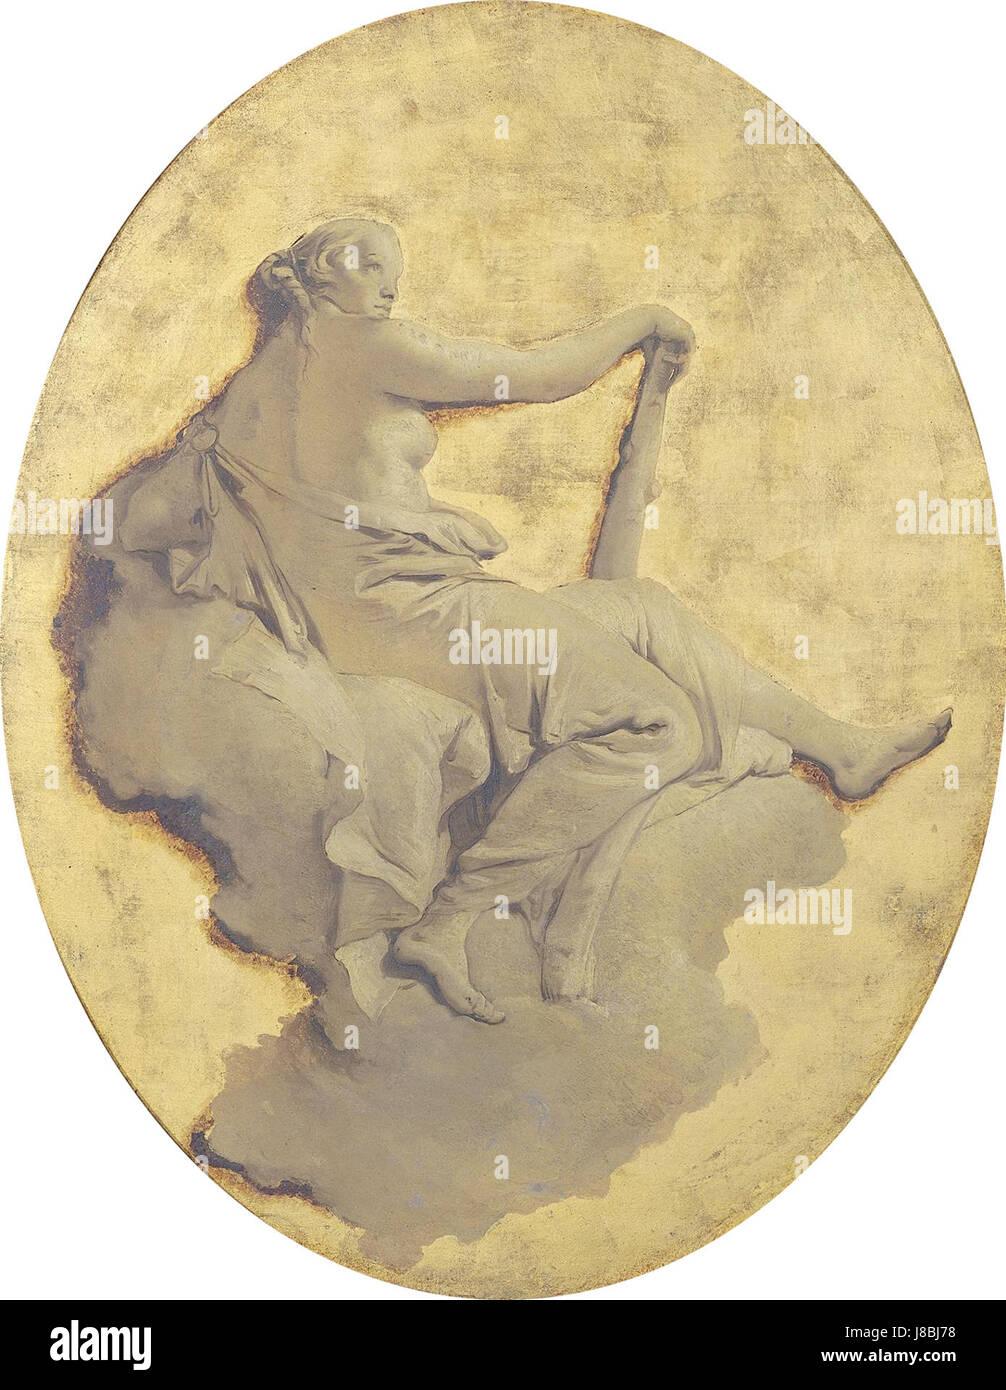 Giovanni Battista Tiepolo   Allegorische vrouwenfiguur met een knots - Stock Image